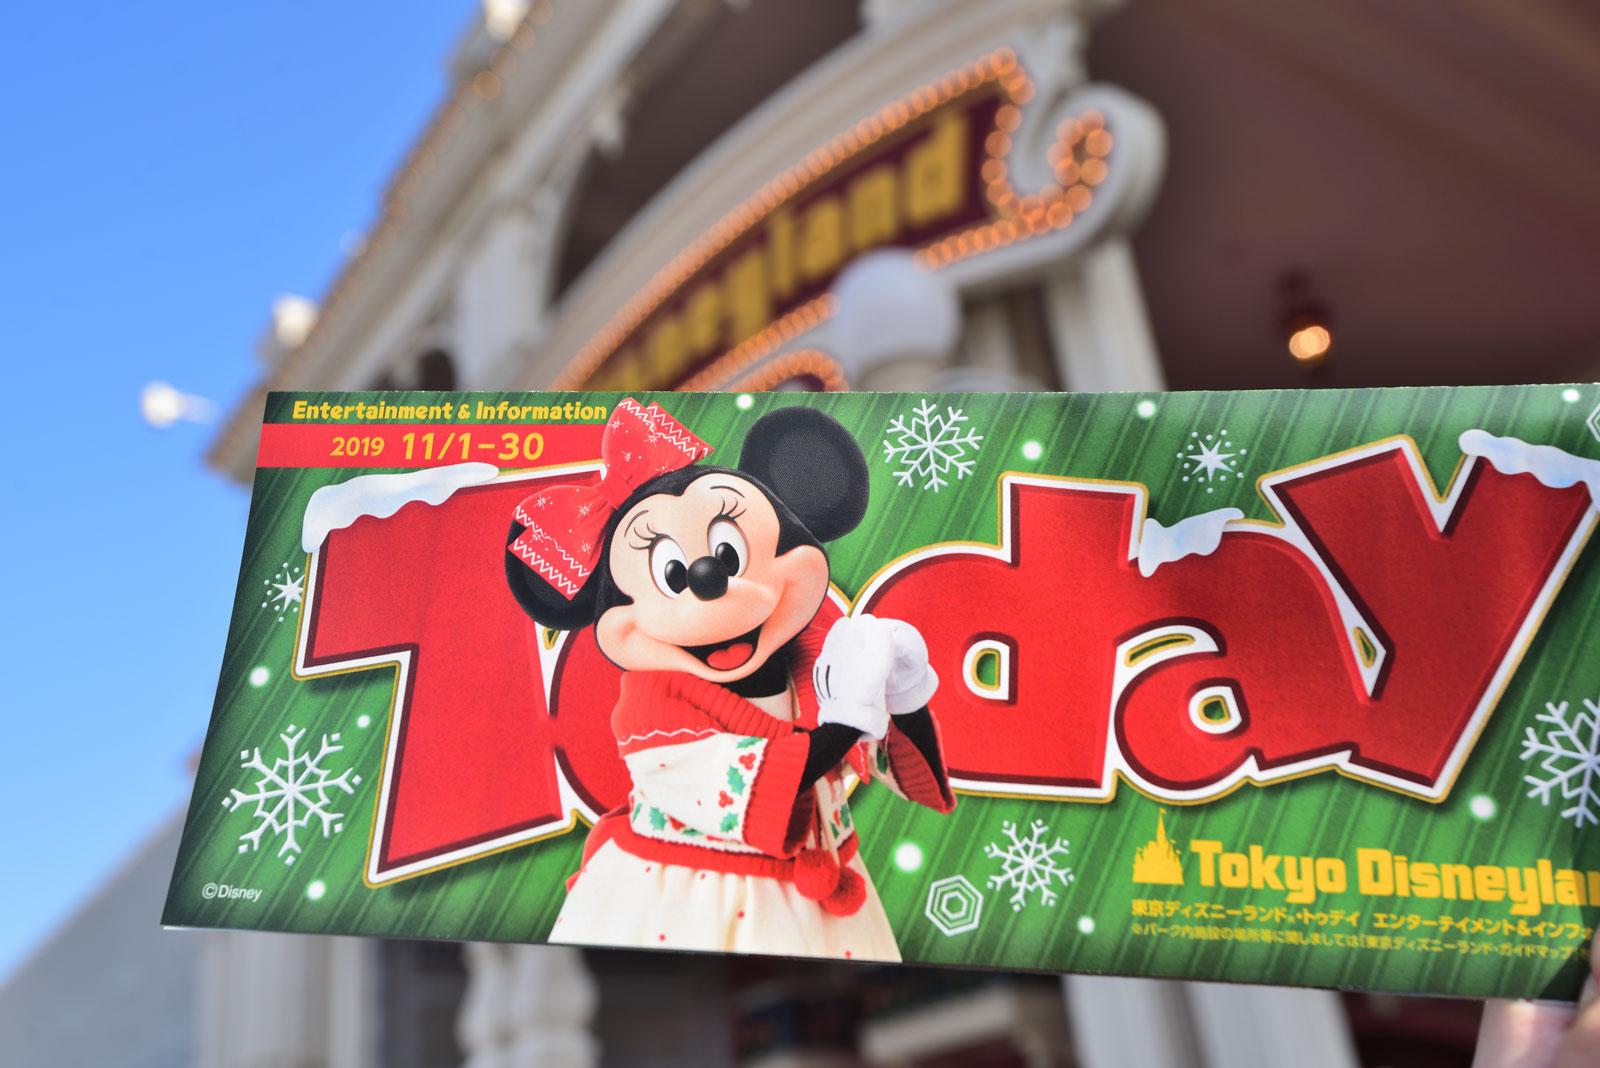 東京ディズニーランド Today 2019年11月1日~11月30日 ディズニー・クリスマス2019 ミニー